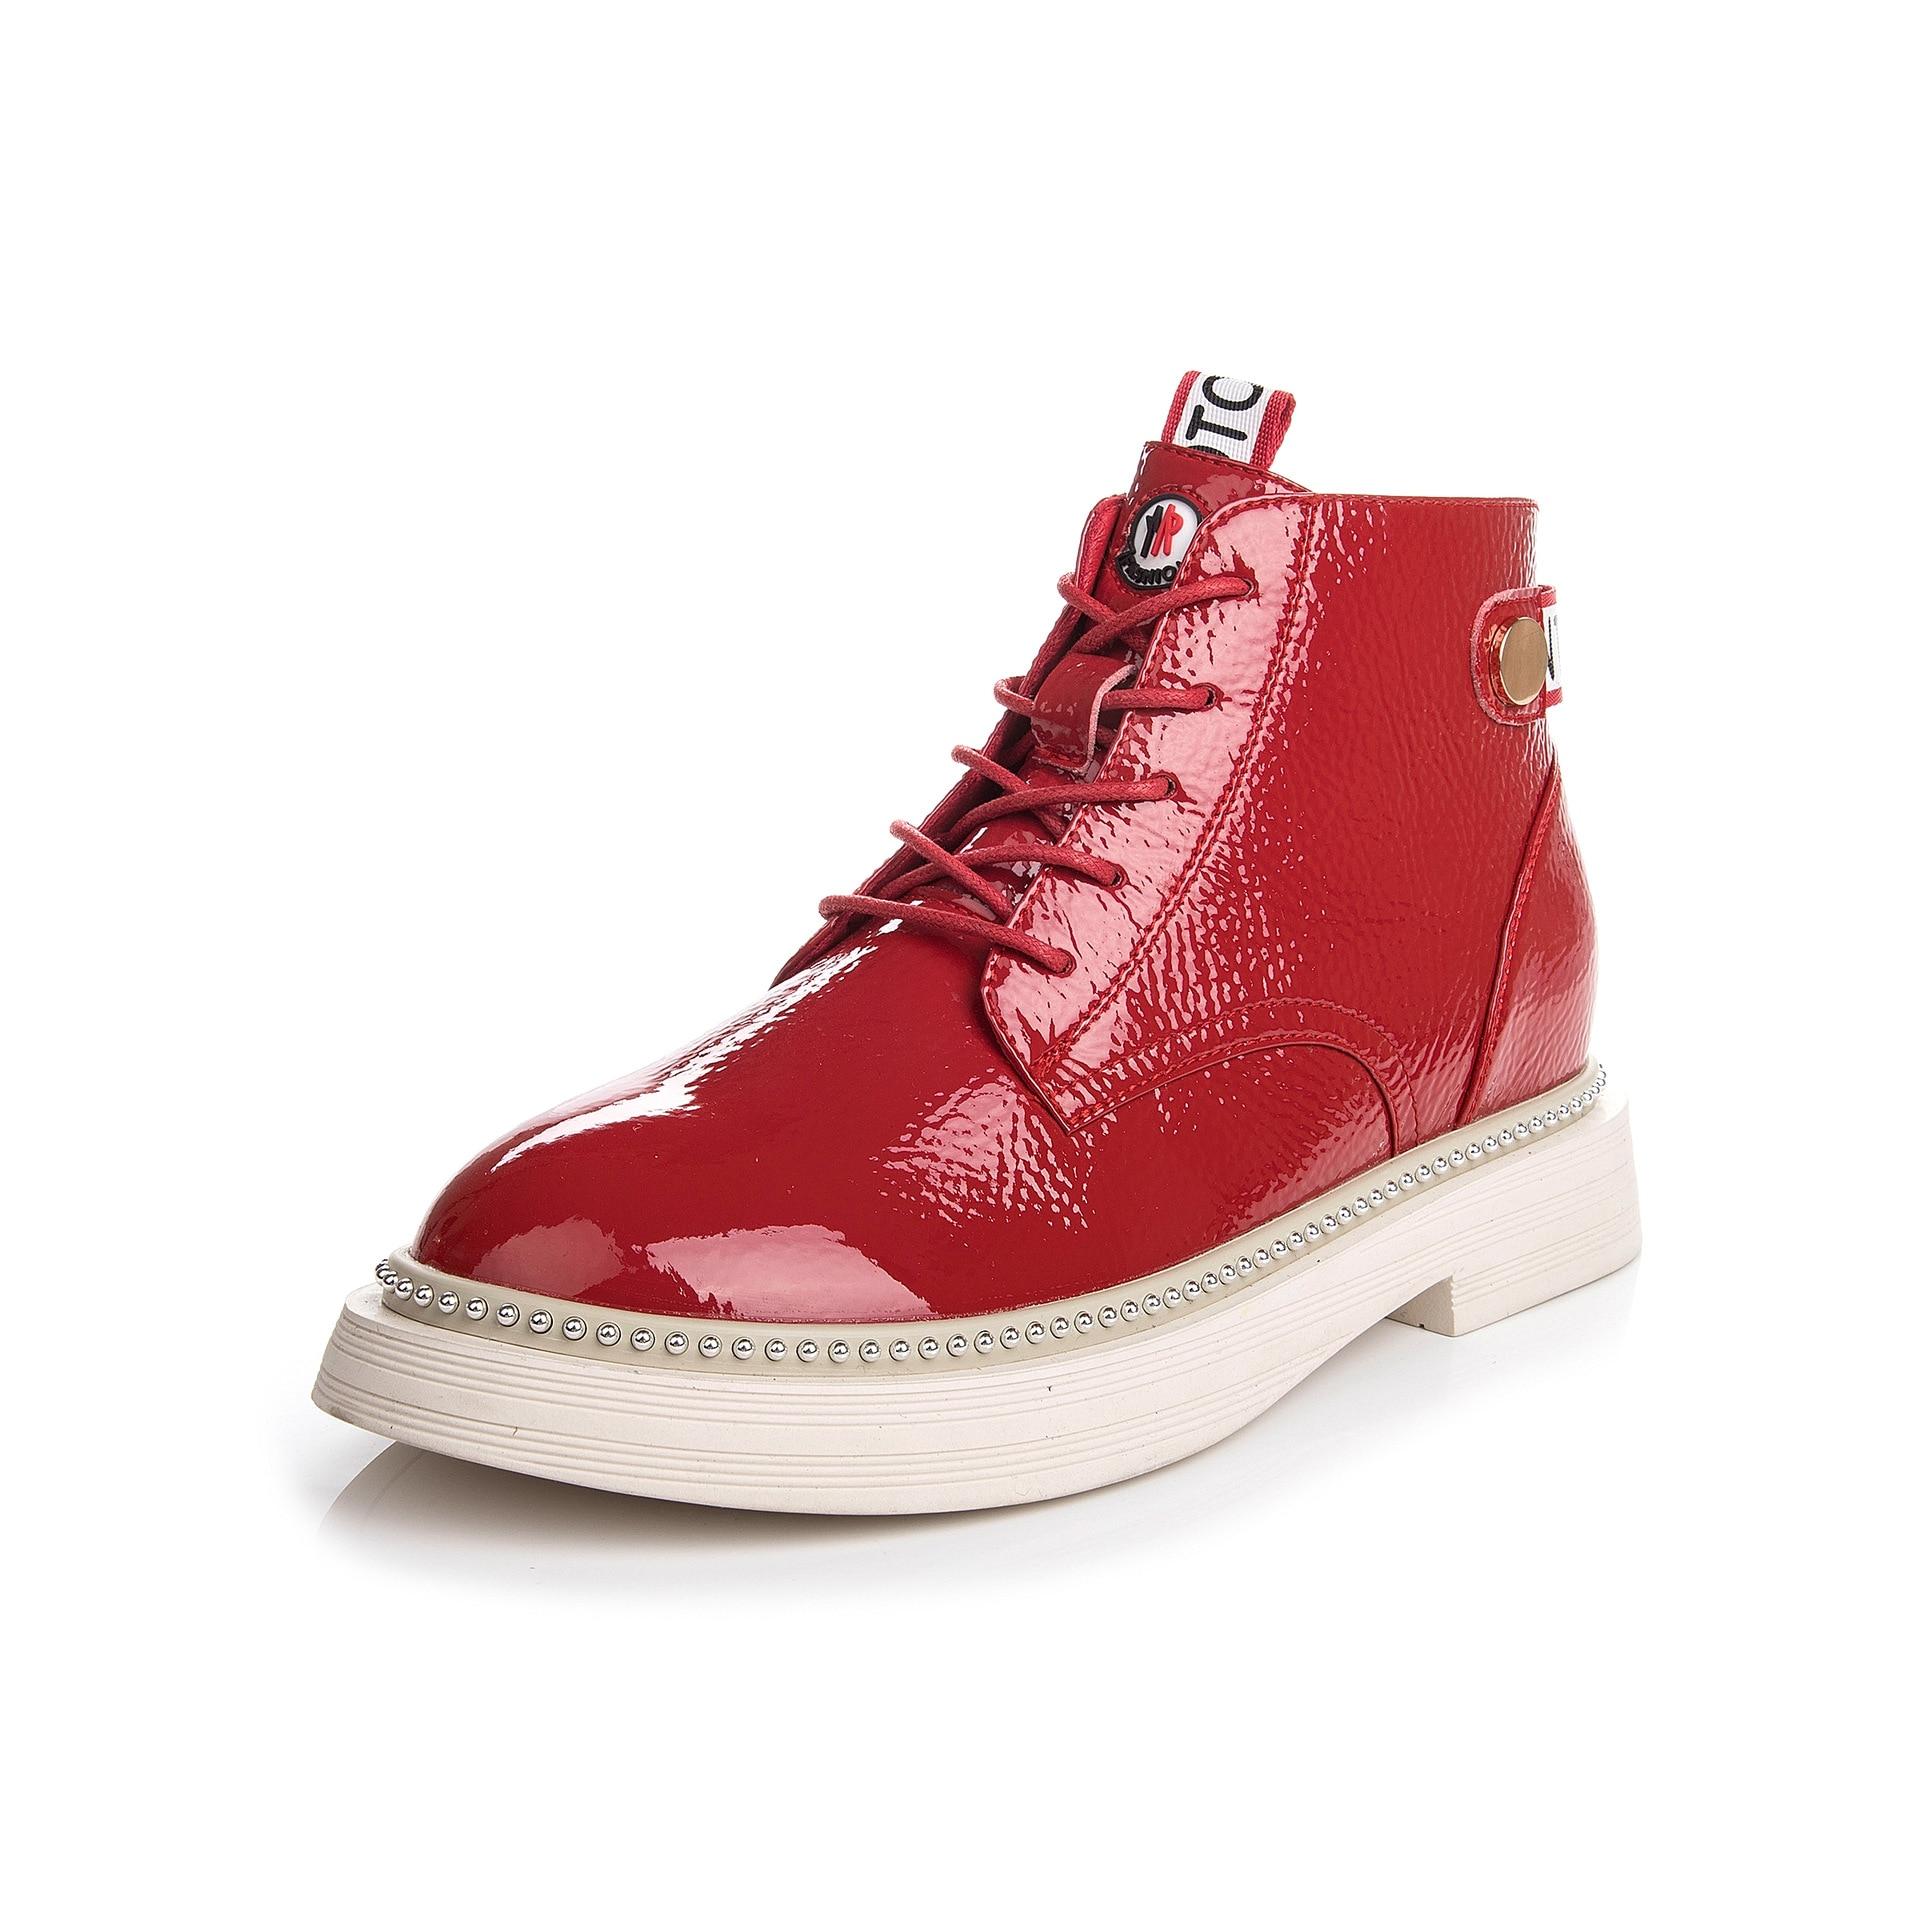 Cheville Bottes rouge À Bout Loisirs attaché Plate Chaussures Lacets Martin Rond Moto Punk blanc Femmes Bas Sabot De Mode Talons Noir Solide forme Croix PkuXiZ